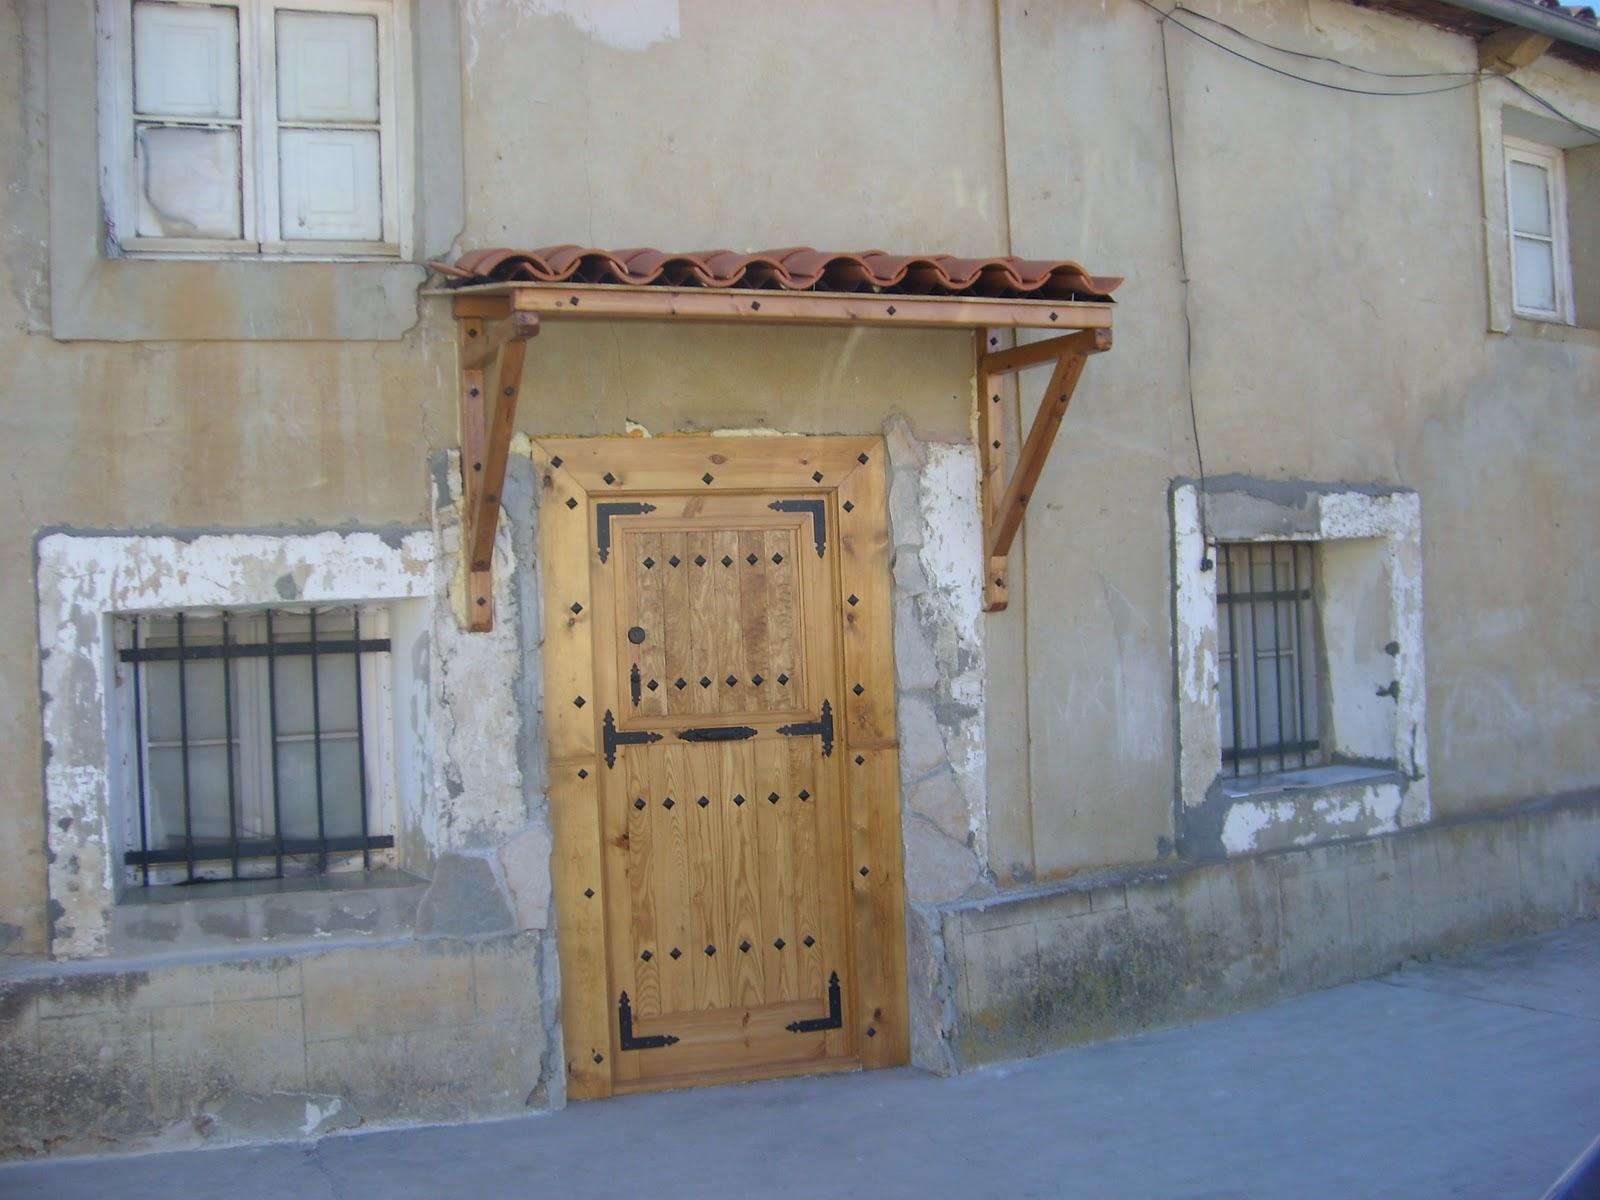 Modifica tu casa tejado sobre puerta de entrada - Tejadillo para puerta ...